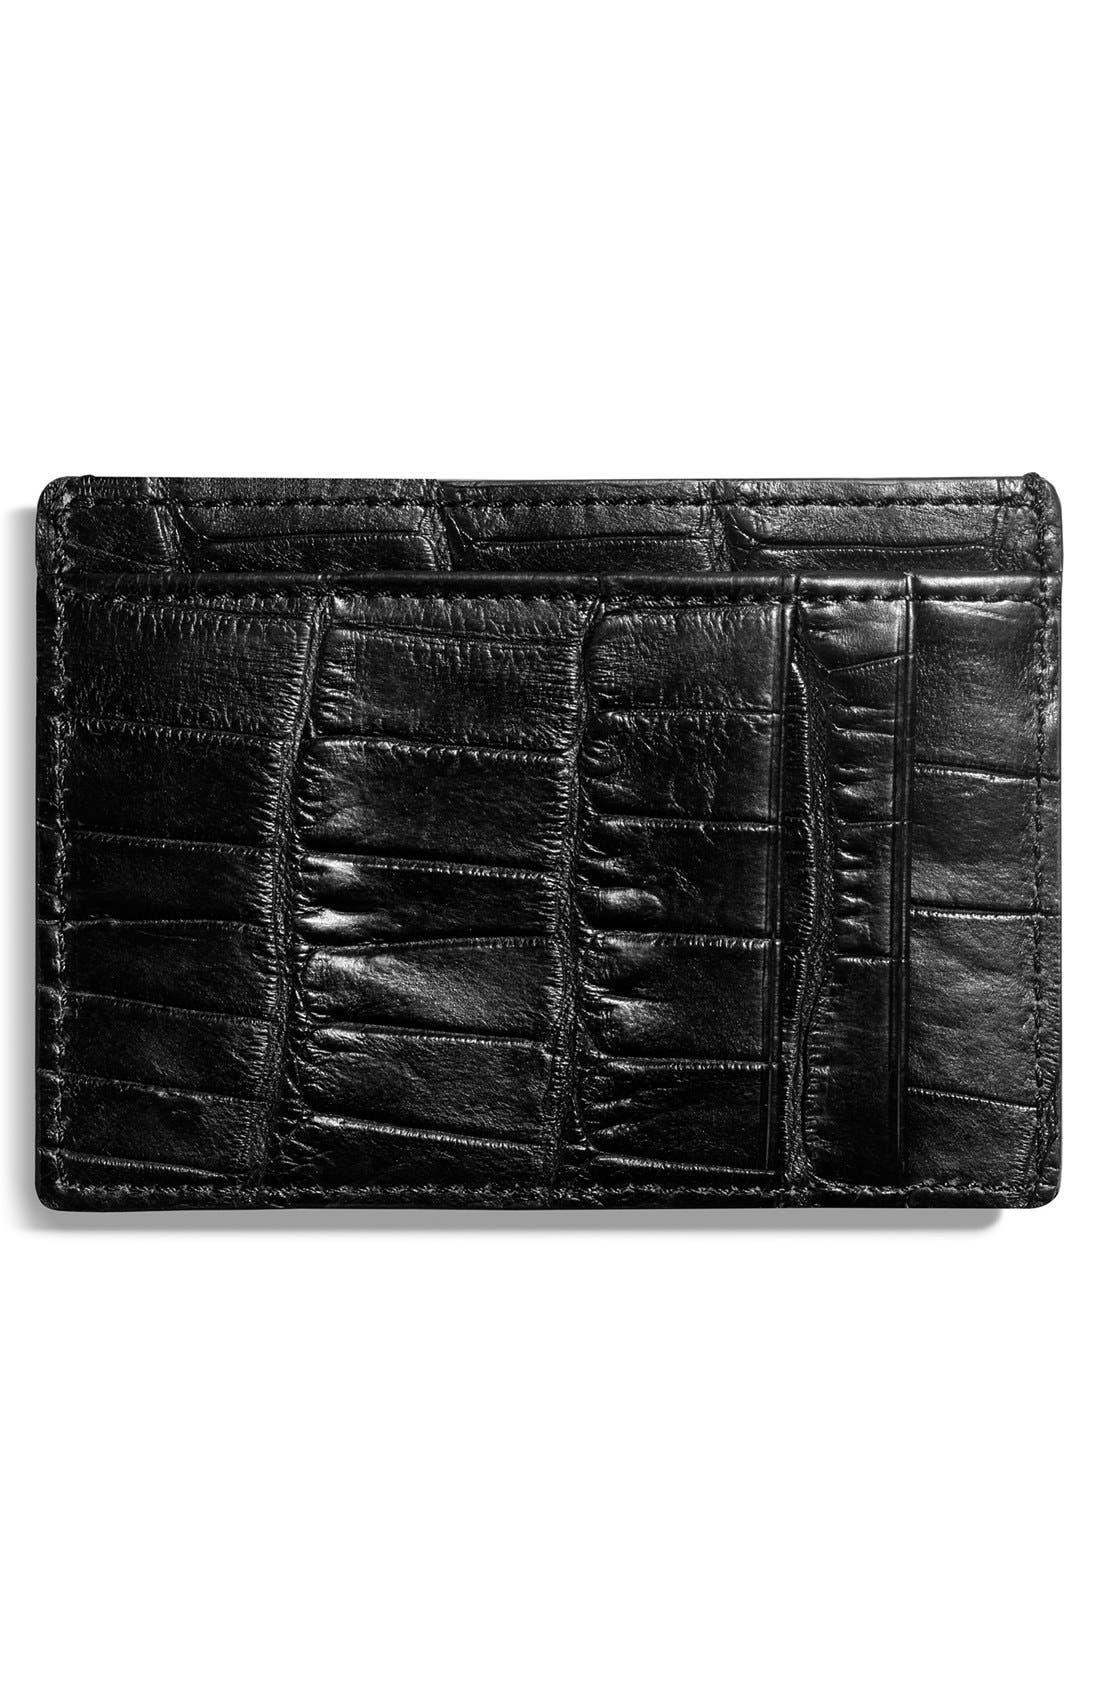 Alternate Image 1 Selected - Shinola Alligator Leather Card Case